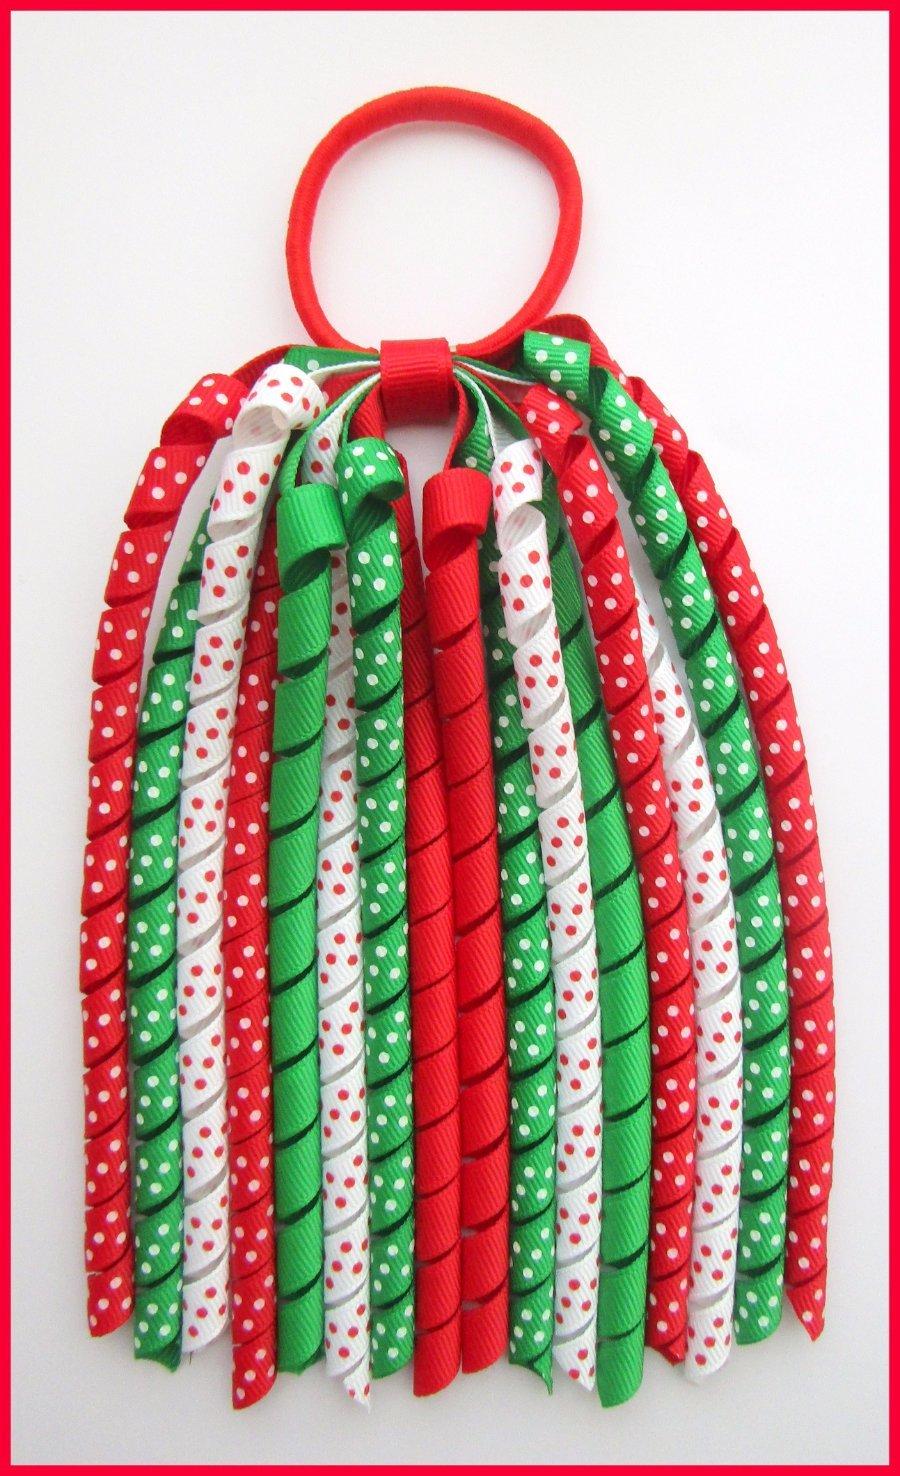 Red Emerald Green White Polka Dot Korker Streamer